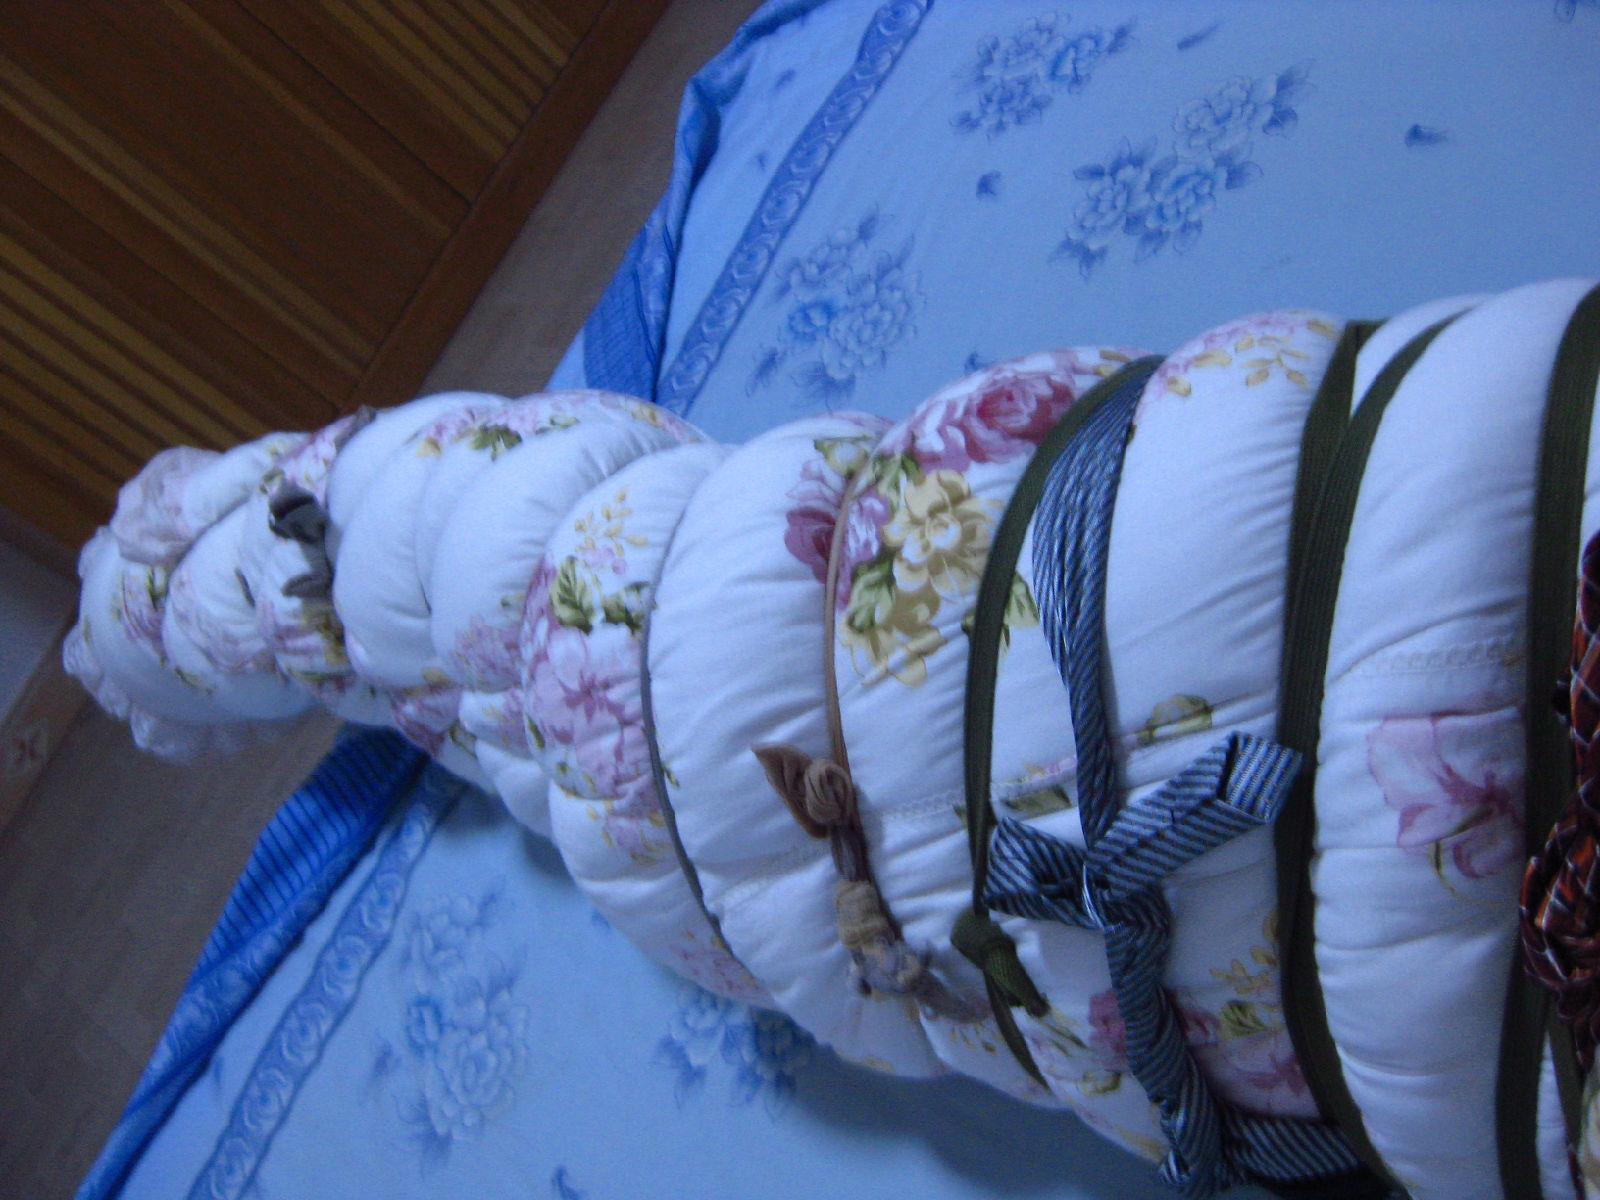 美女被捆绑棉被包裹